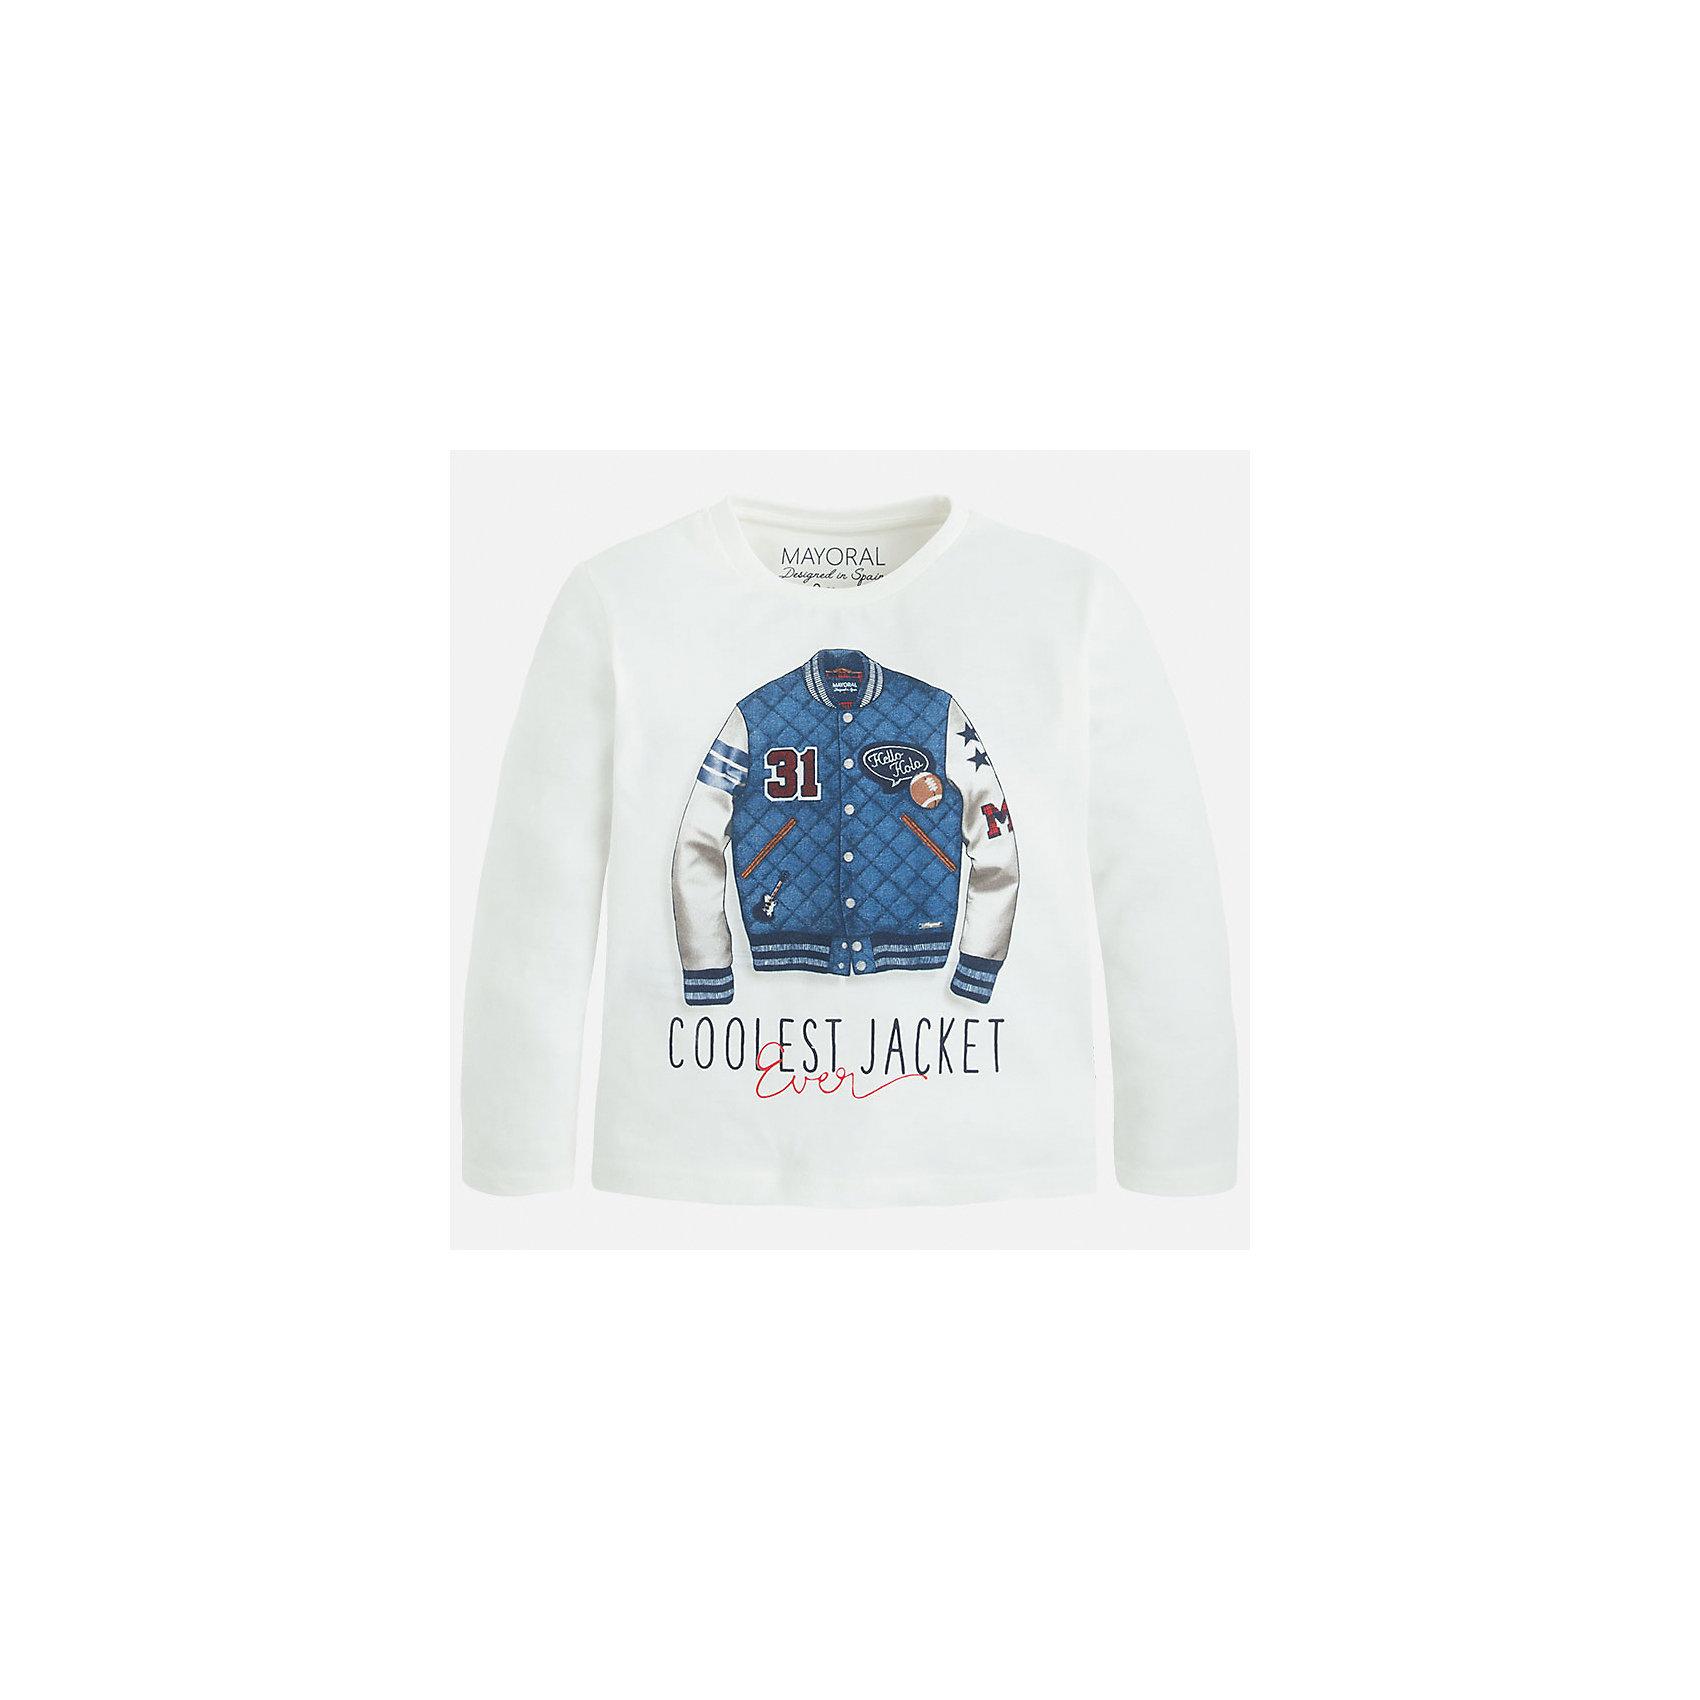 Футболка с длинным рукавом для мальчика MayoralХлопковая футболка с длинными рукавами - это  базовая вещь в любом гардеробе. Благодаря длинным рукавам и легкому составу, ее можно носить в любое время года, а яркий орнамент, подчеркнет индивидуальный стиль Вашего ребенка!<br><br>Дополнительная информация:<br><br>- Крой: прямой крой.<br>- Страна бренда: Испания.<br>- Состав: хлопок 100%.<br>- Цвет: белый.<br>- Уход: бережная стирка при 30 градусах.<br><br>Купить футболку с длинным рукавом для мальчика, от  Mayoral, можно в нашем магазине.<br><br>Ширина мм: 230<br>Глубина мм: 40<br>Высота мм: 220<br>Вес г: 250<br>Цвет: бежевый<br>Возраст от месяцев: 48<br>Возраст до месяцев: 60<br>Пол: Мужской<br>Возраст: Детский<br>Размер: 110,122,128,116,134,98,104<br>SKU: 4821757